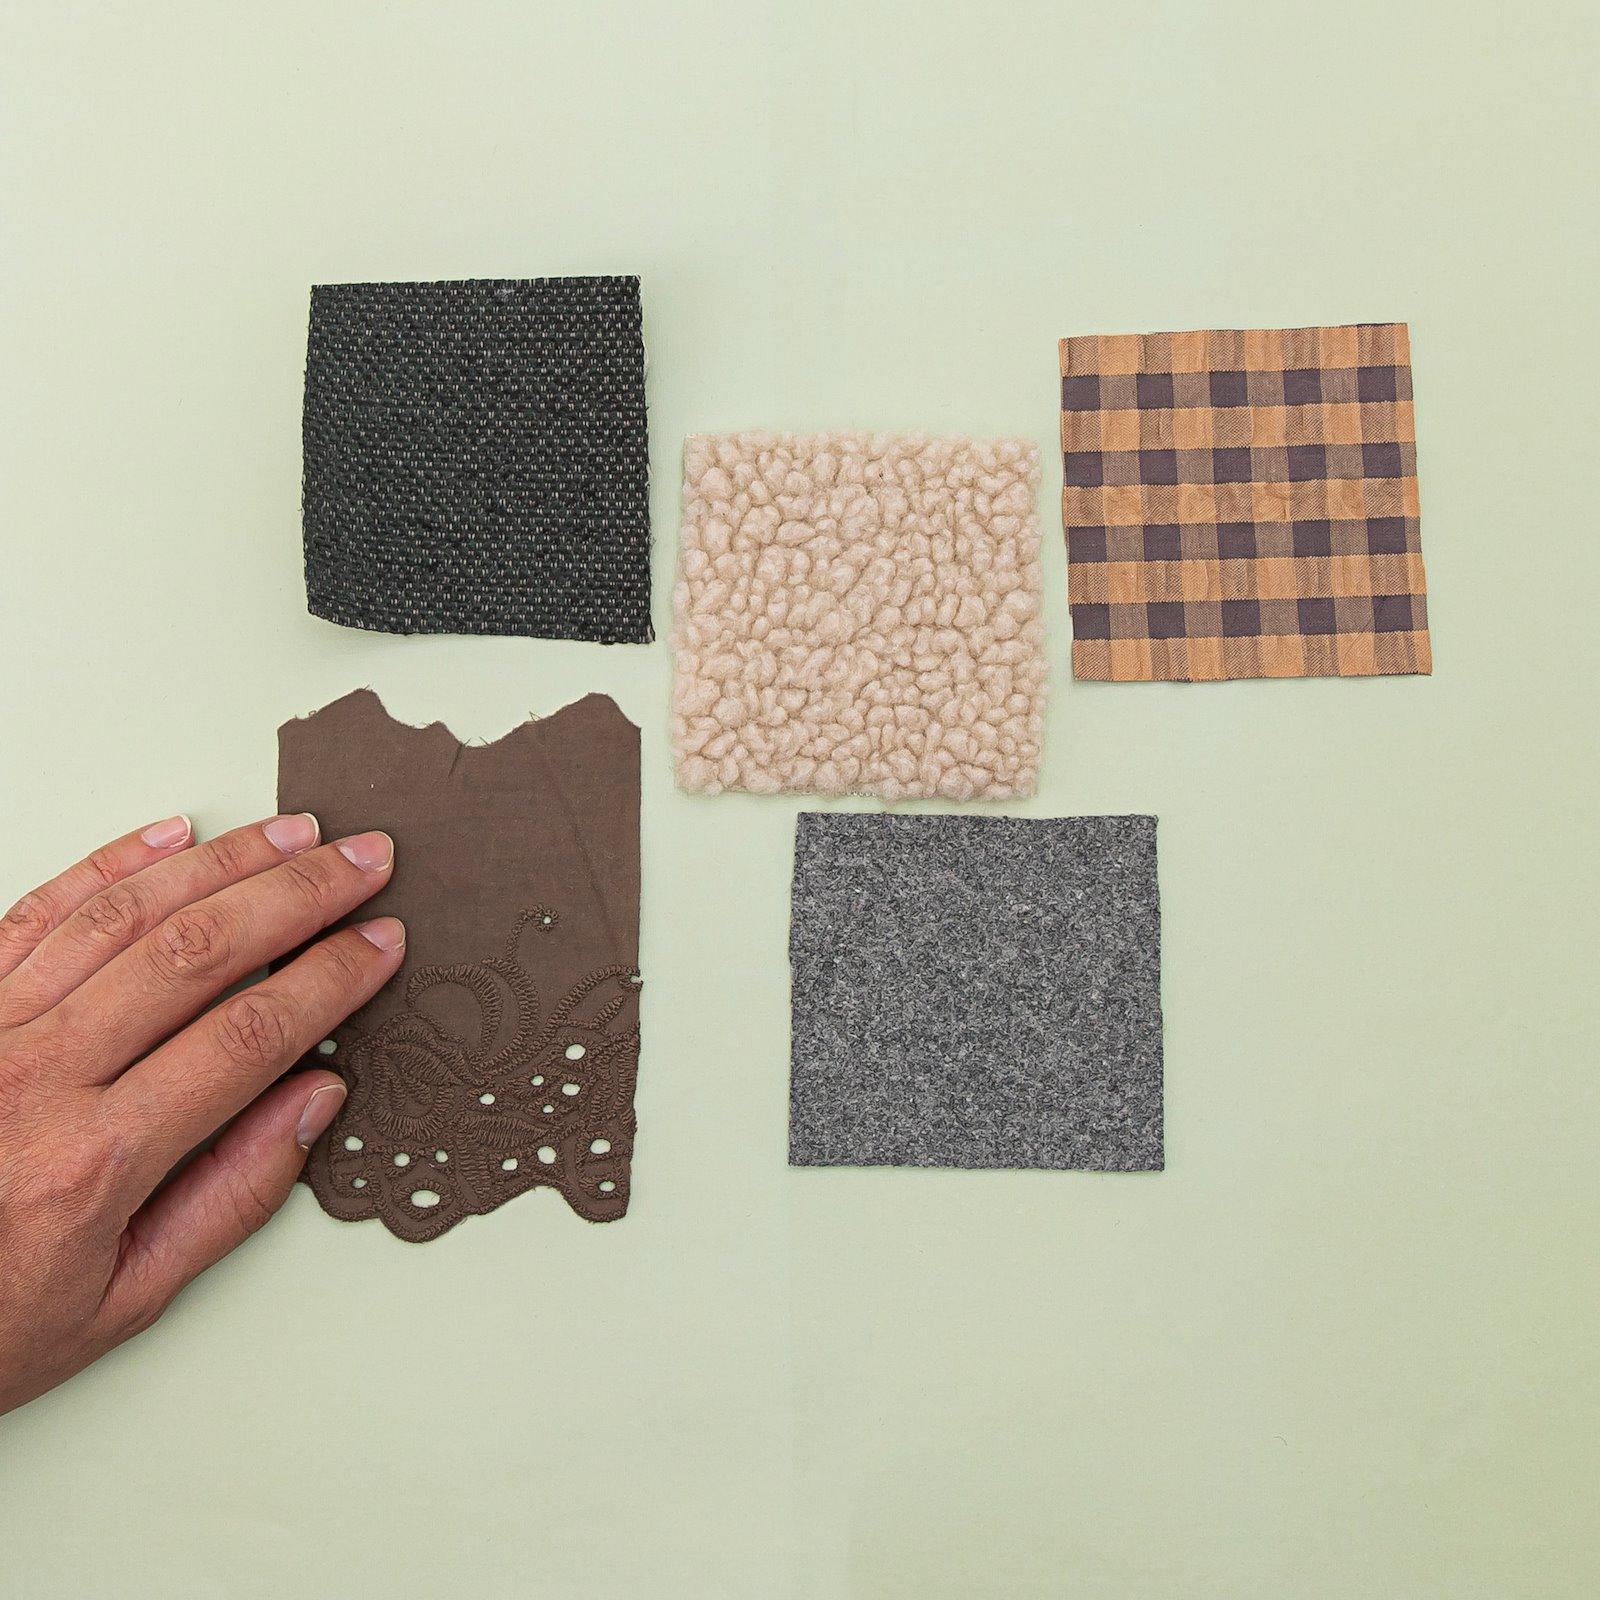 Wool light grey melange waterrepelling 823957_910273_580071_22214_300130_bundle